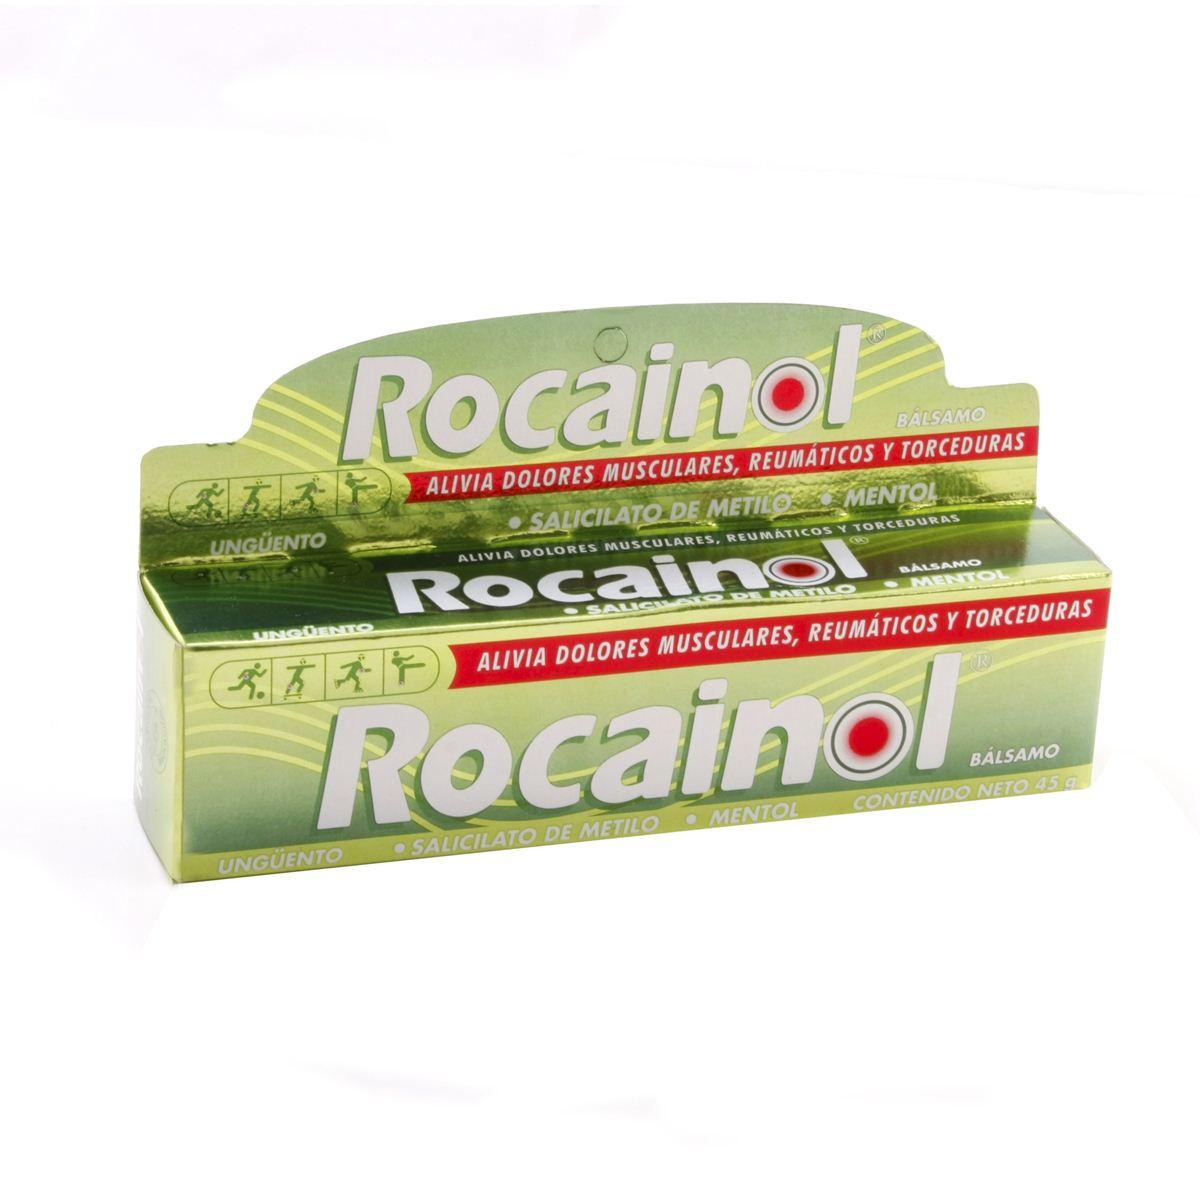 Rocainol Bálsamo 45 g